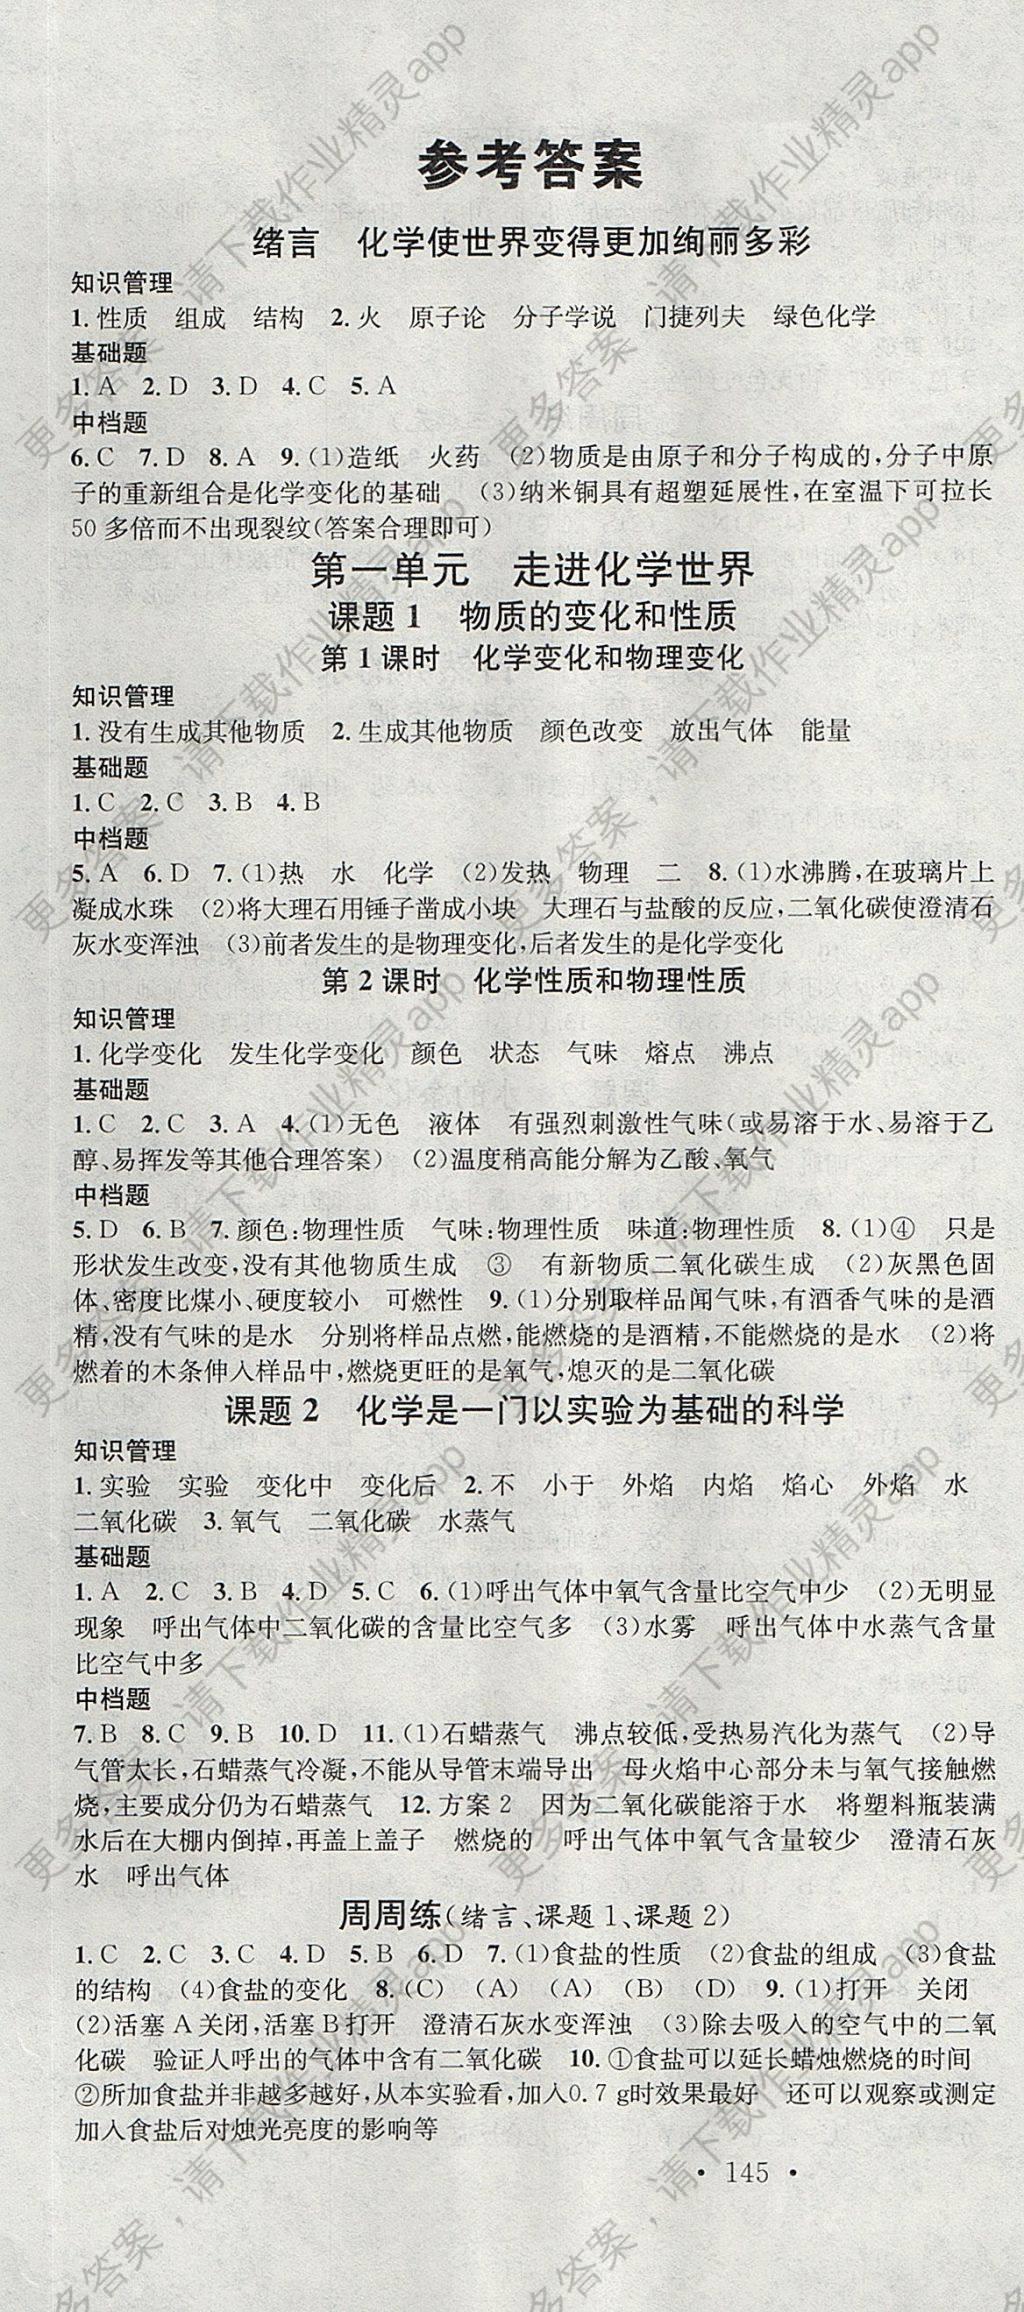 2017年名校课堂滚动学习法九年级化学上册人教版武汉大学出版社 参考答案第1页